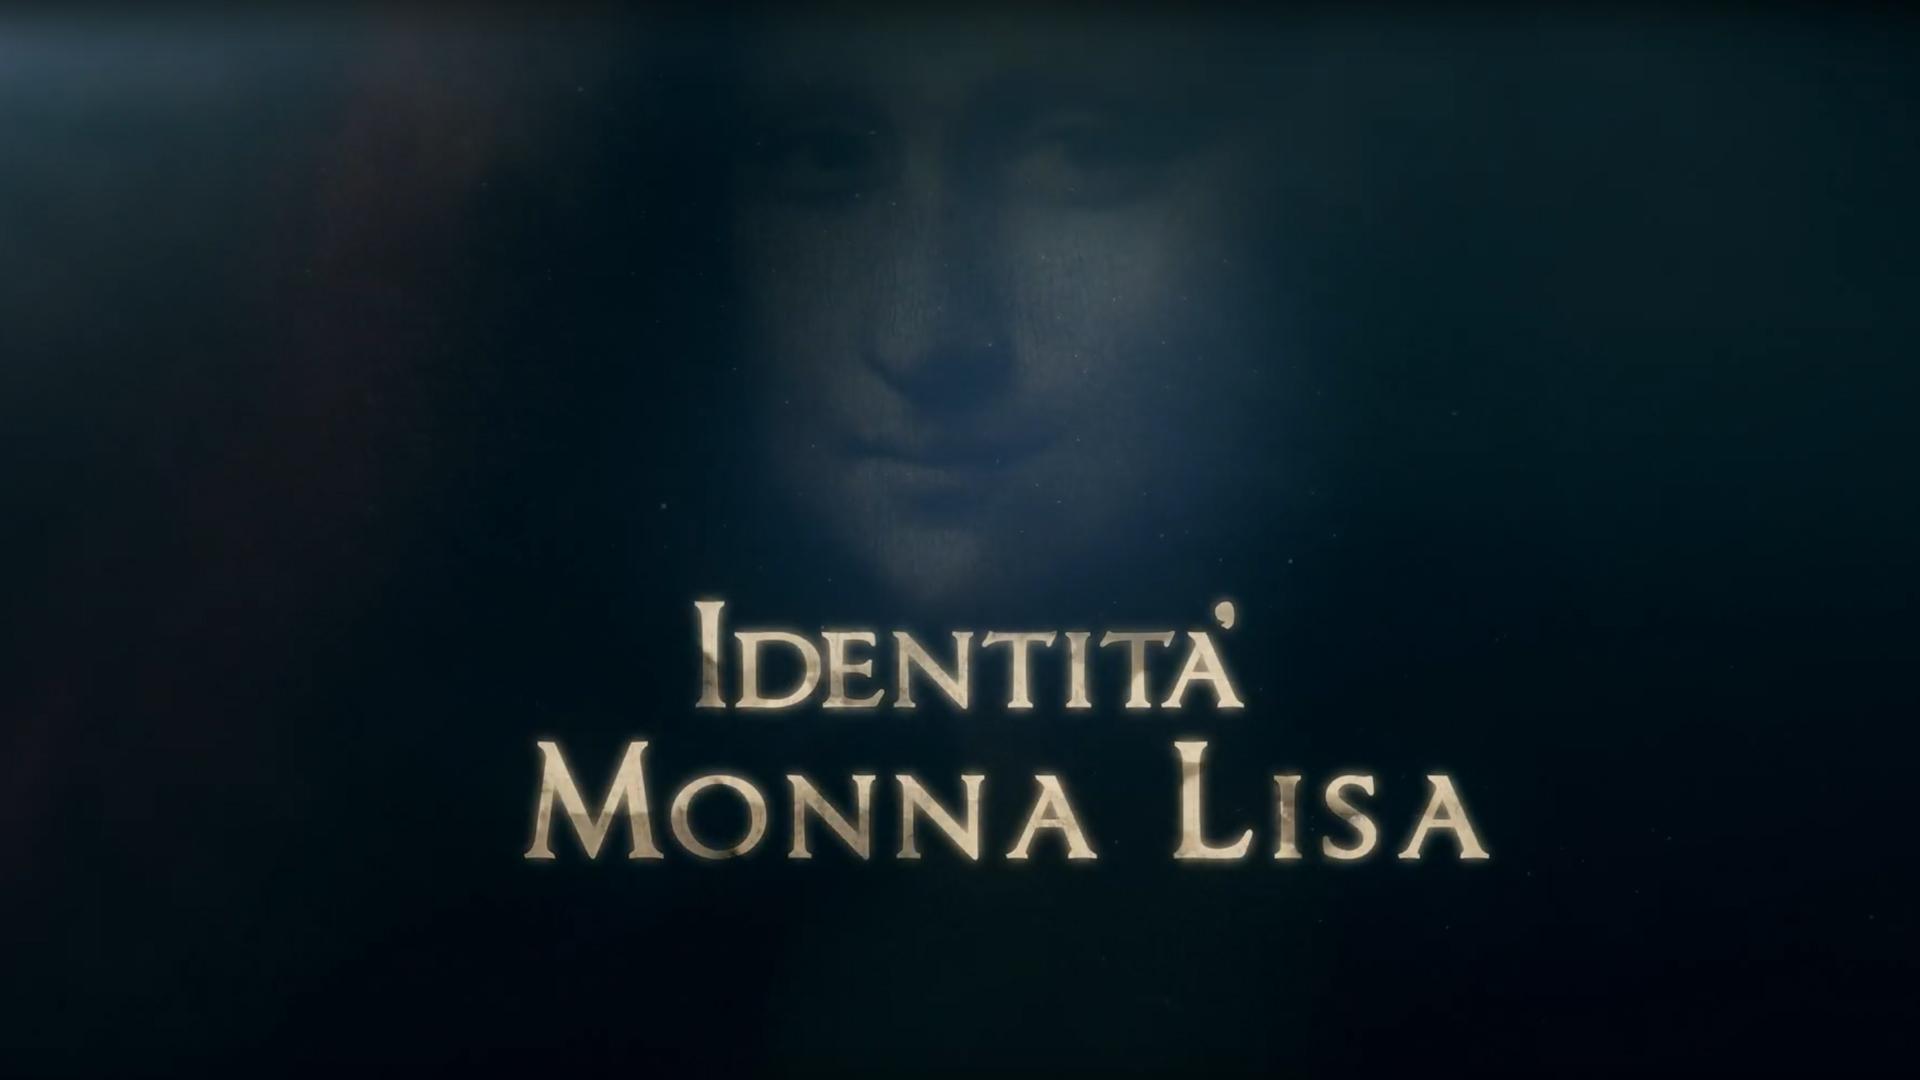 Identità Monna Lisa